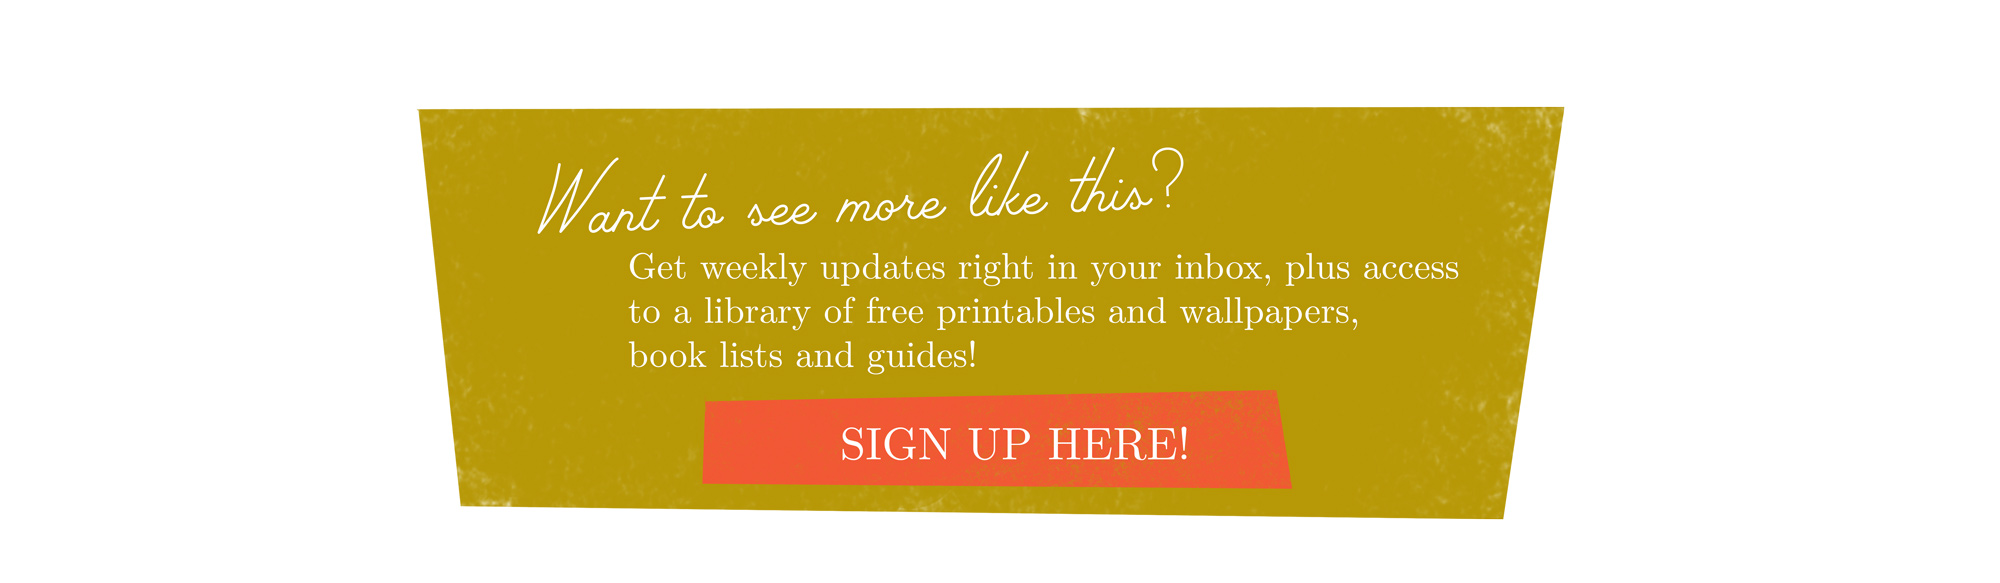 morelikethis_newsletterprompt_blog_3_1.jpg